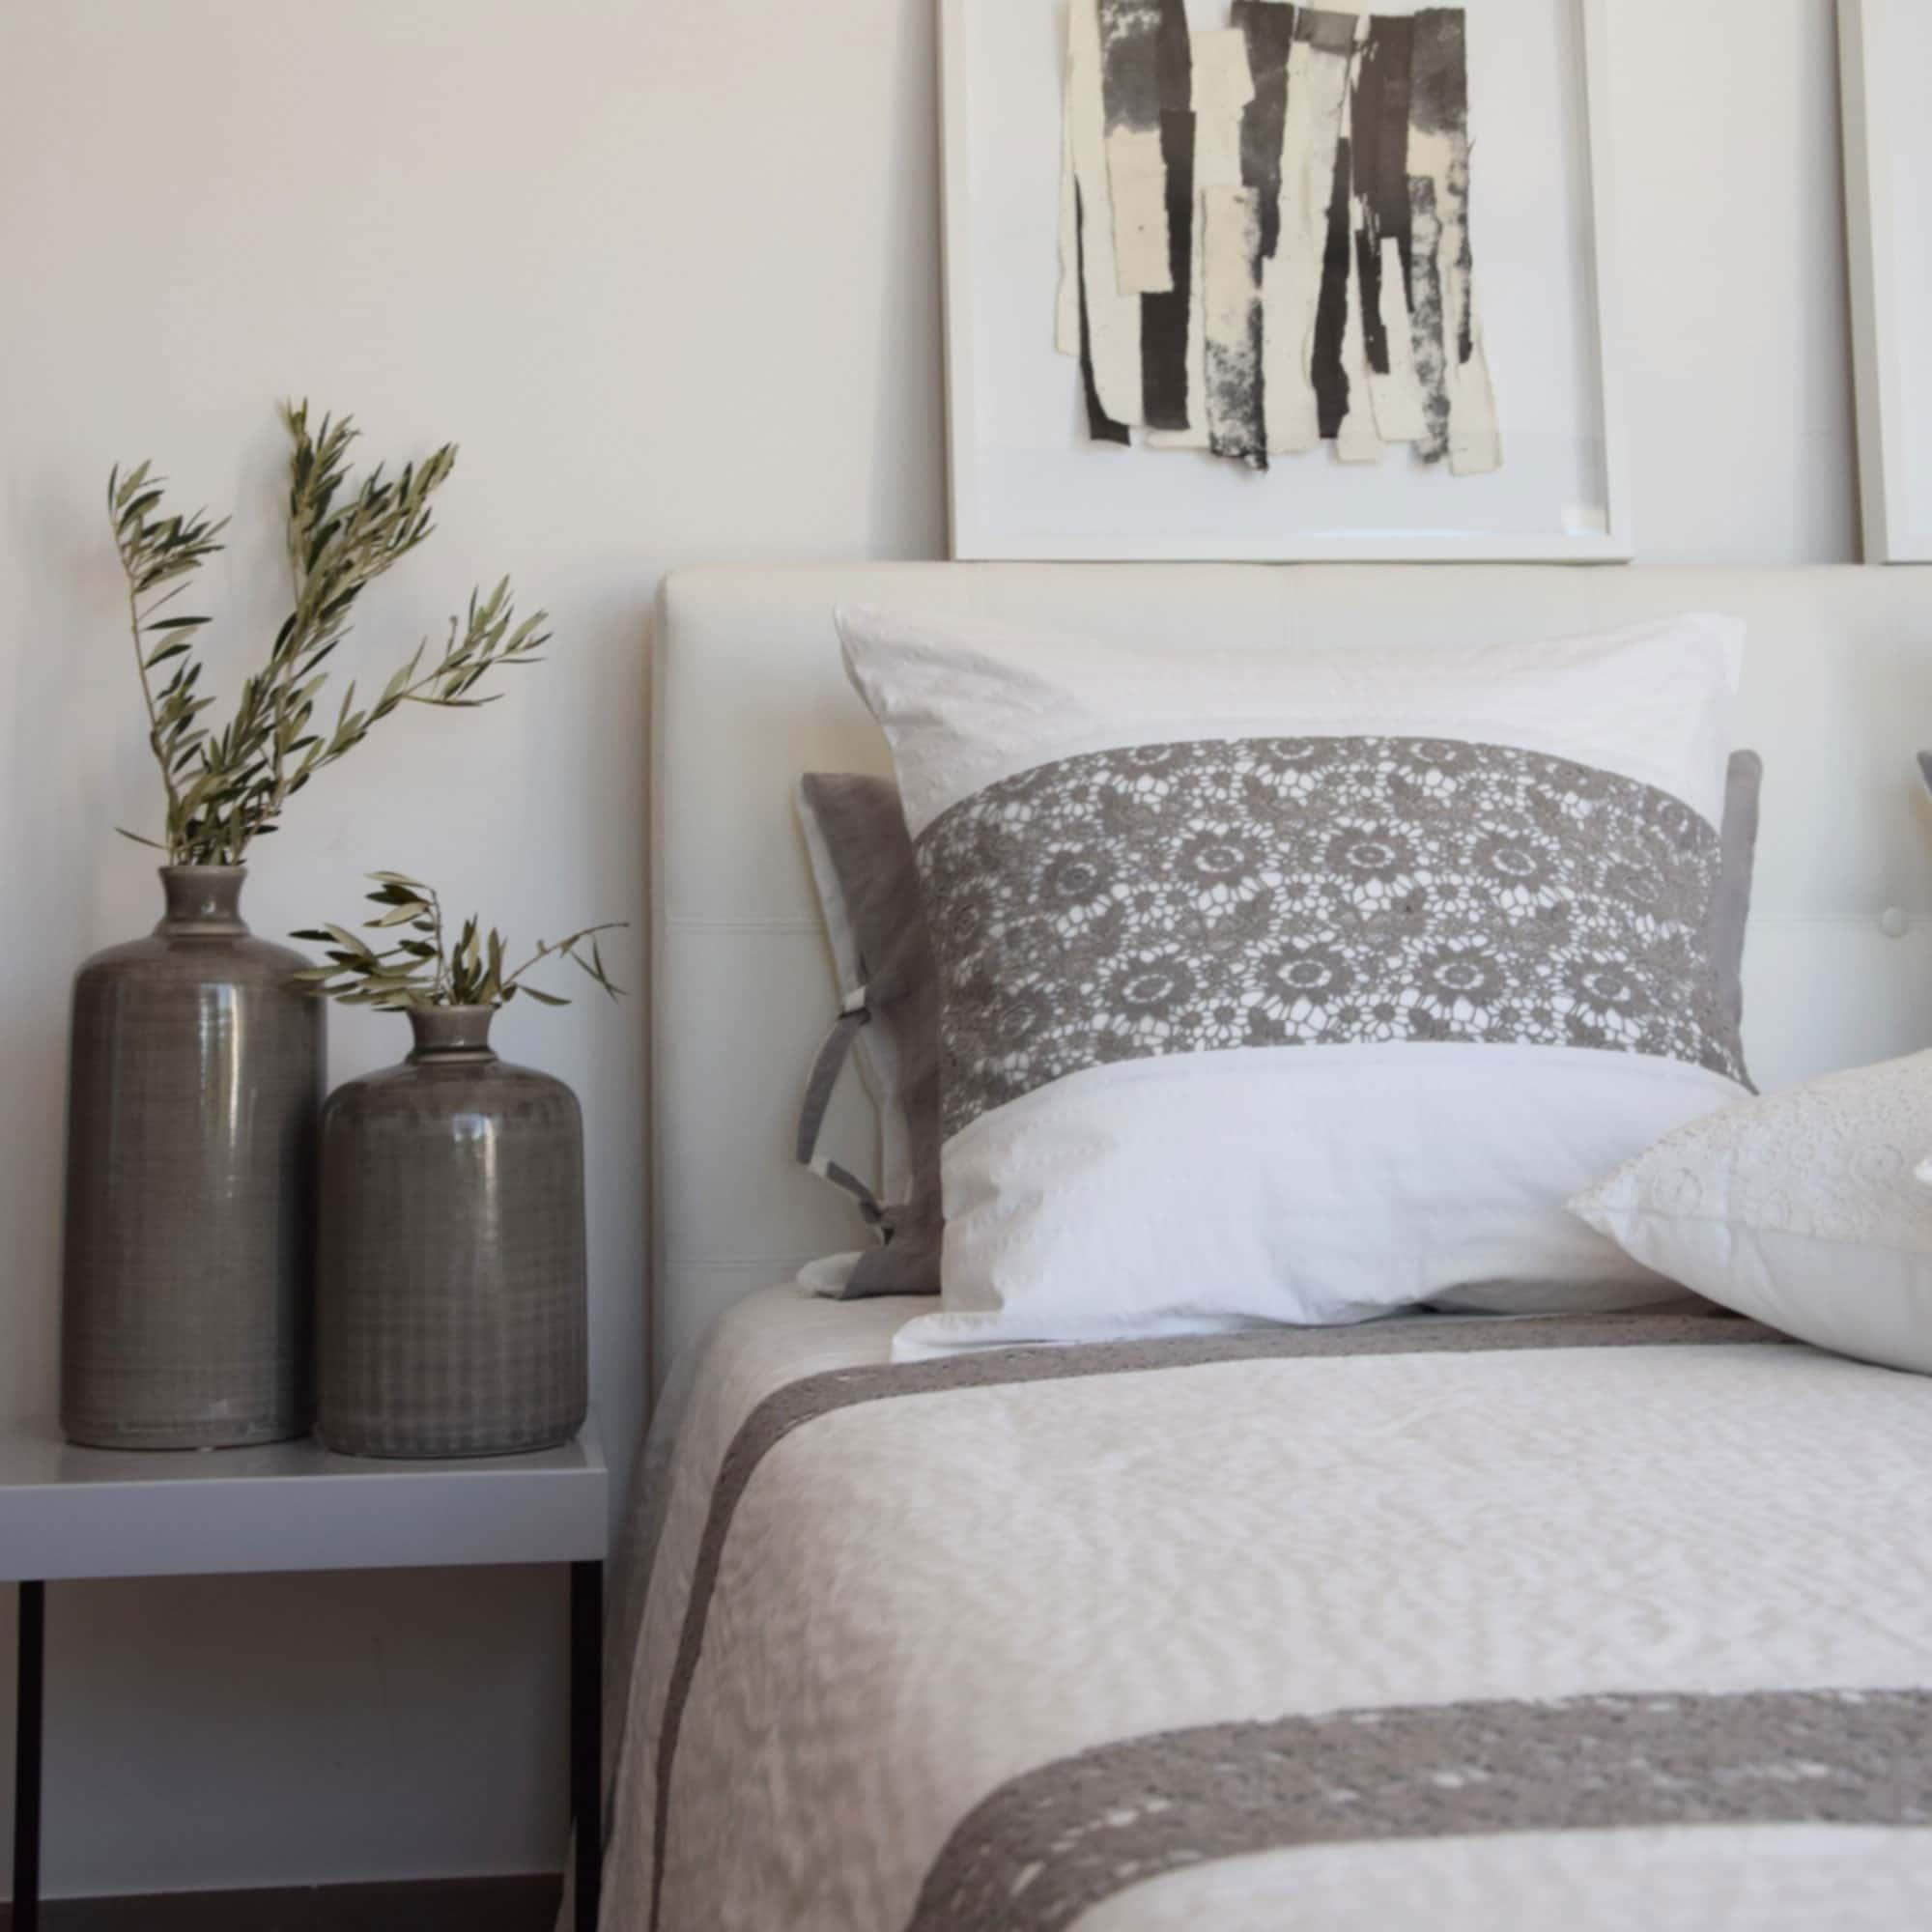 taie nantes blanc et gris le monde de rose. Black Bedroom Furniture Sets. Home Design Ideas